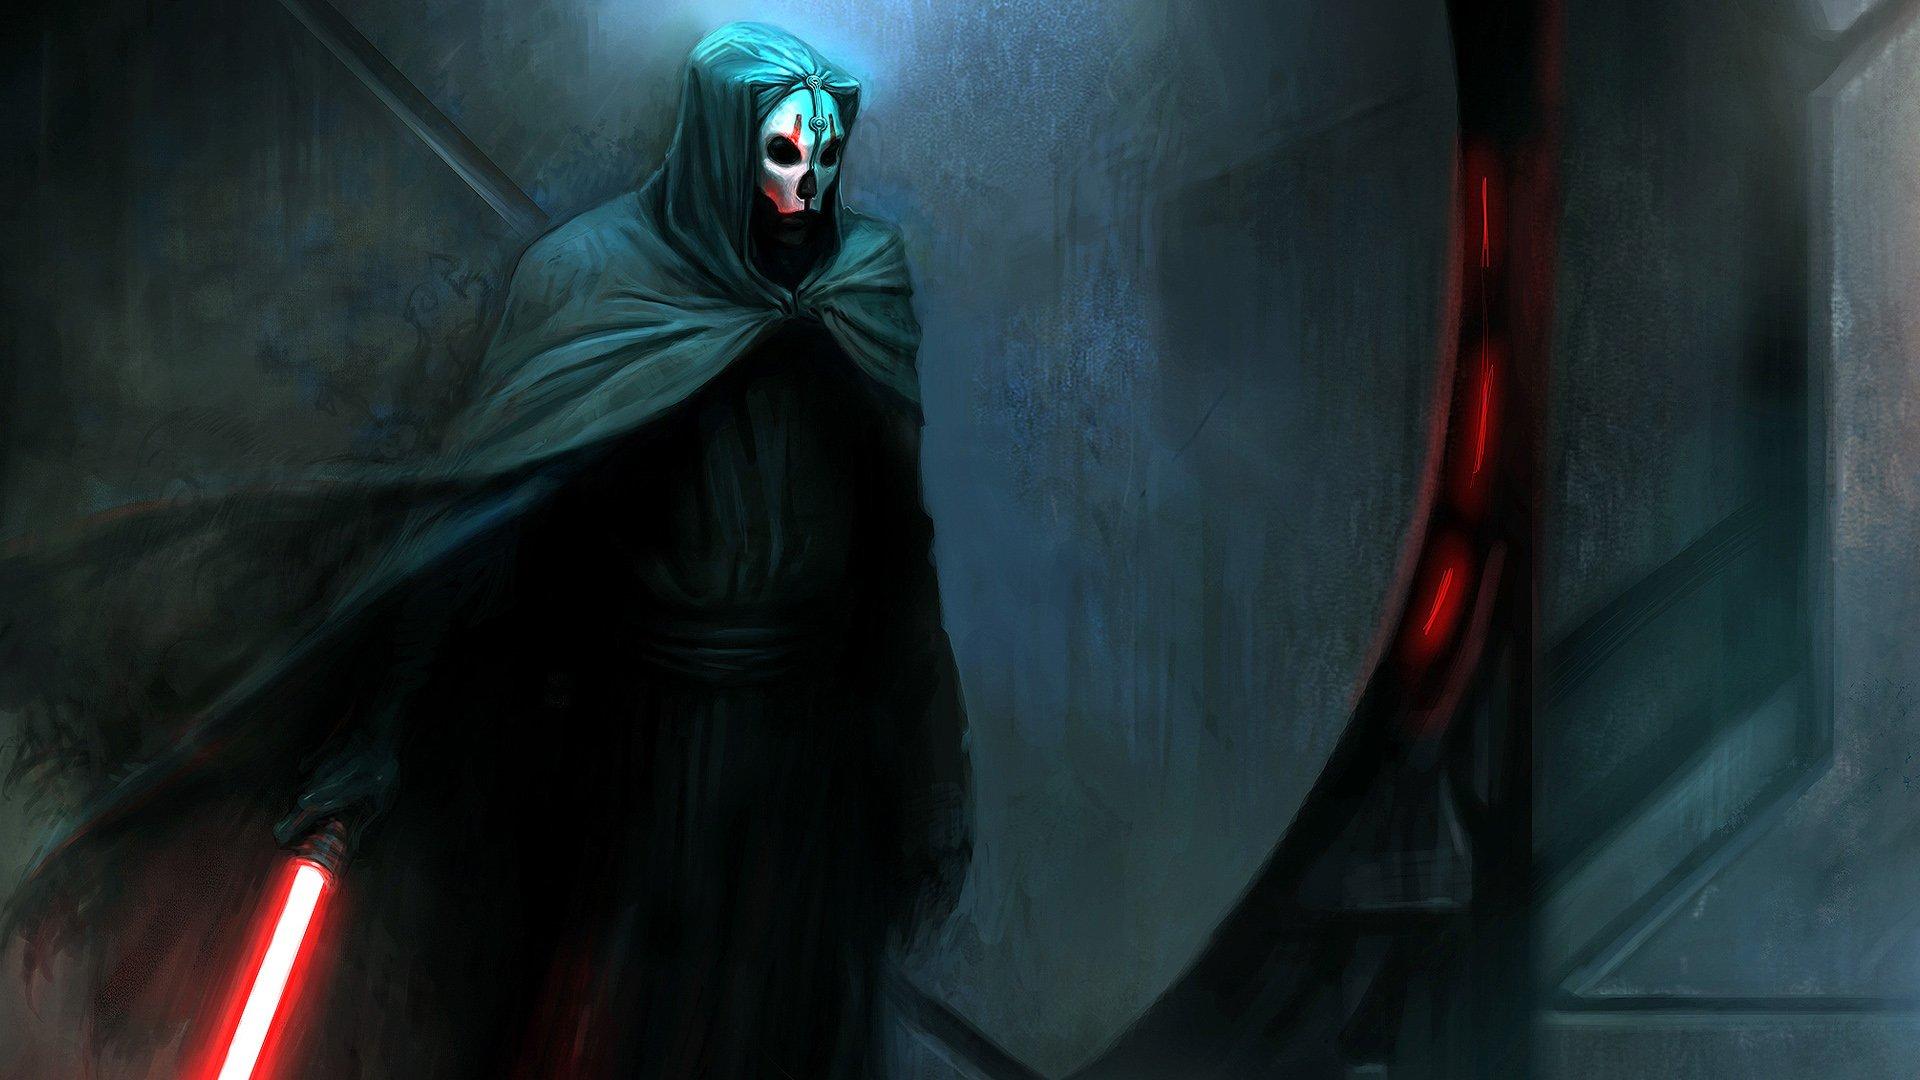 Powstaje remake Star Wars: Knights of the Old Republic? Tak mówią wiarygodne przecieki